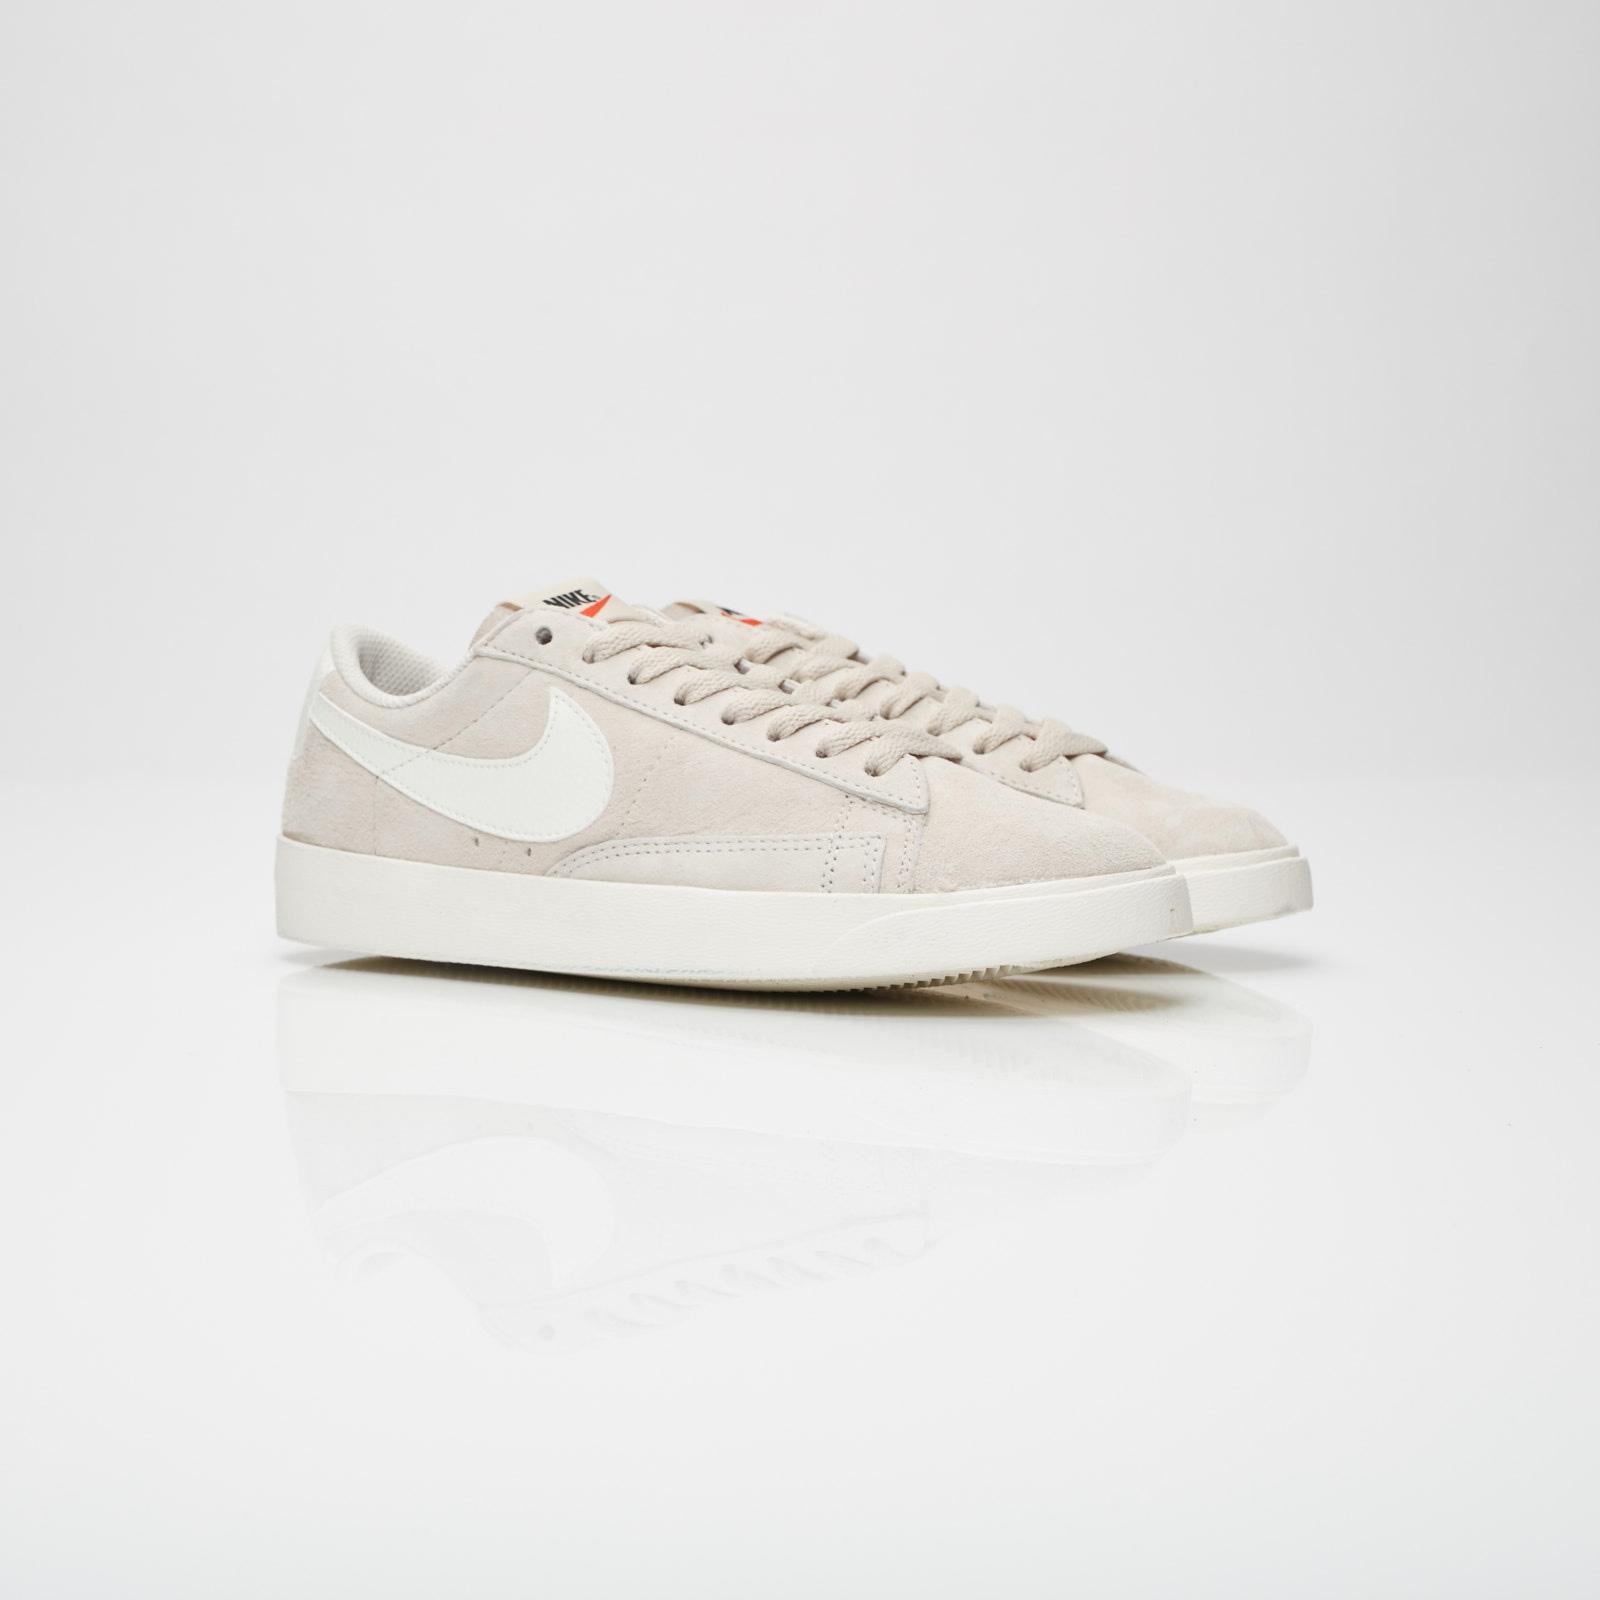 Aa3962 Nike Wmns SneakersnstuffSneakers 005 Sd Blazer Low mO8yNn0wv